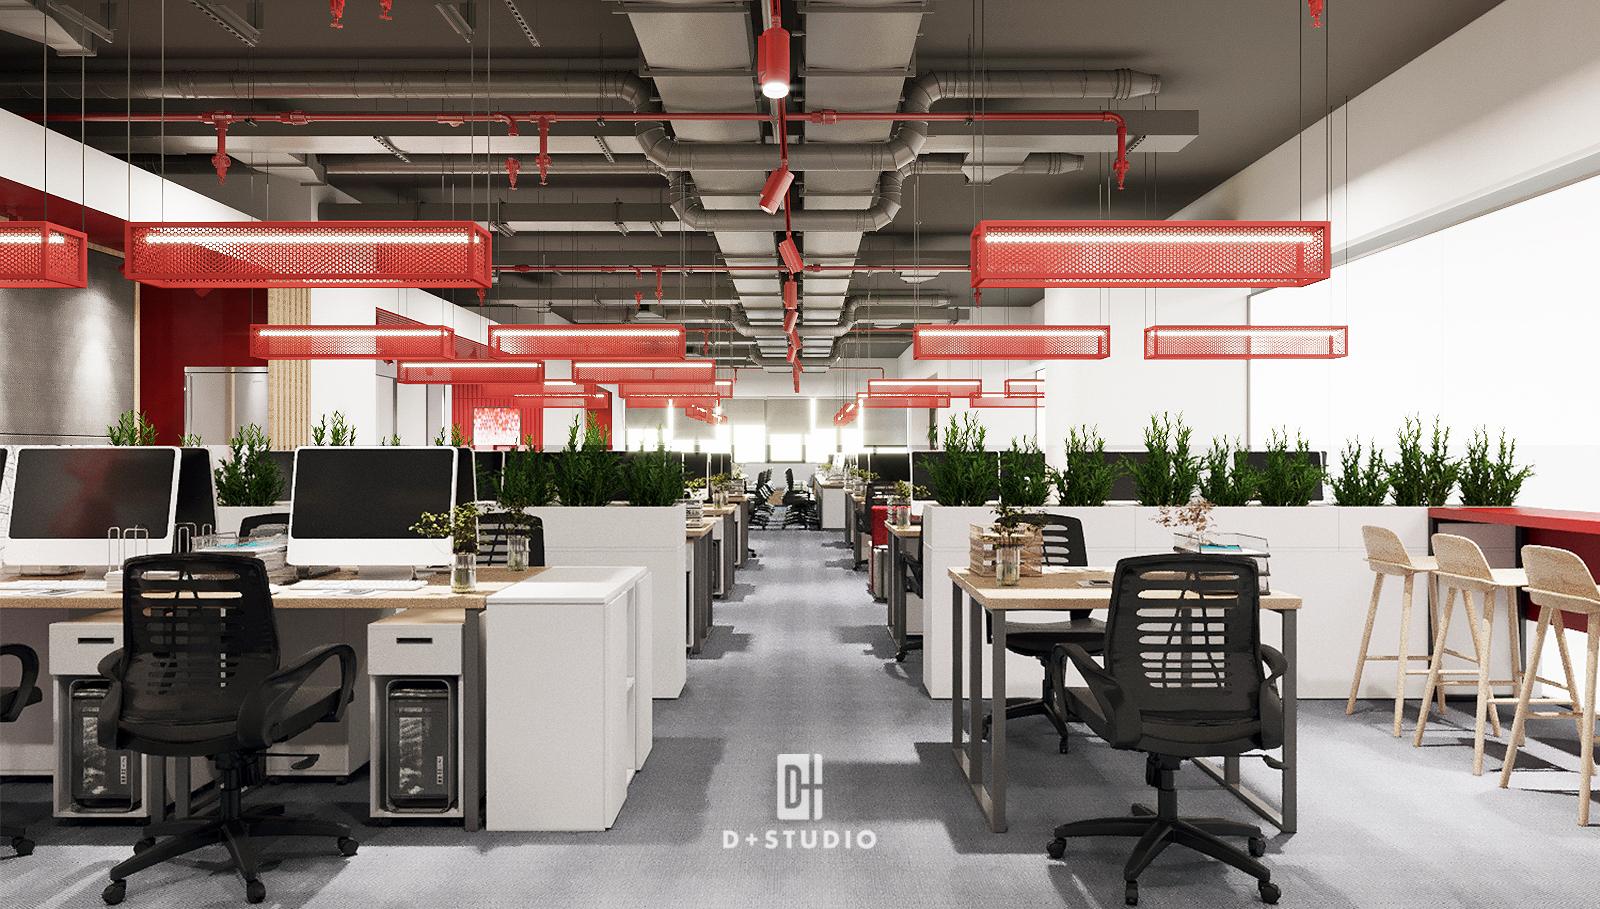 Khu làm việc chung của Canifa sử dụng dãy tủ đựng hồ sơ màu trắng tạo không gian riêng cho văn phòng. Trên tủ có đặt chậu cây xanh tạo điểm nhấn nhẹ nhàng.